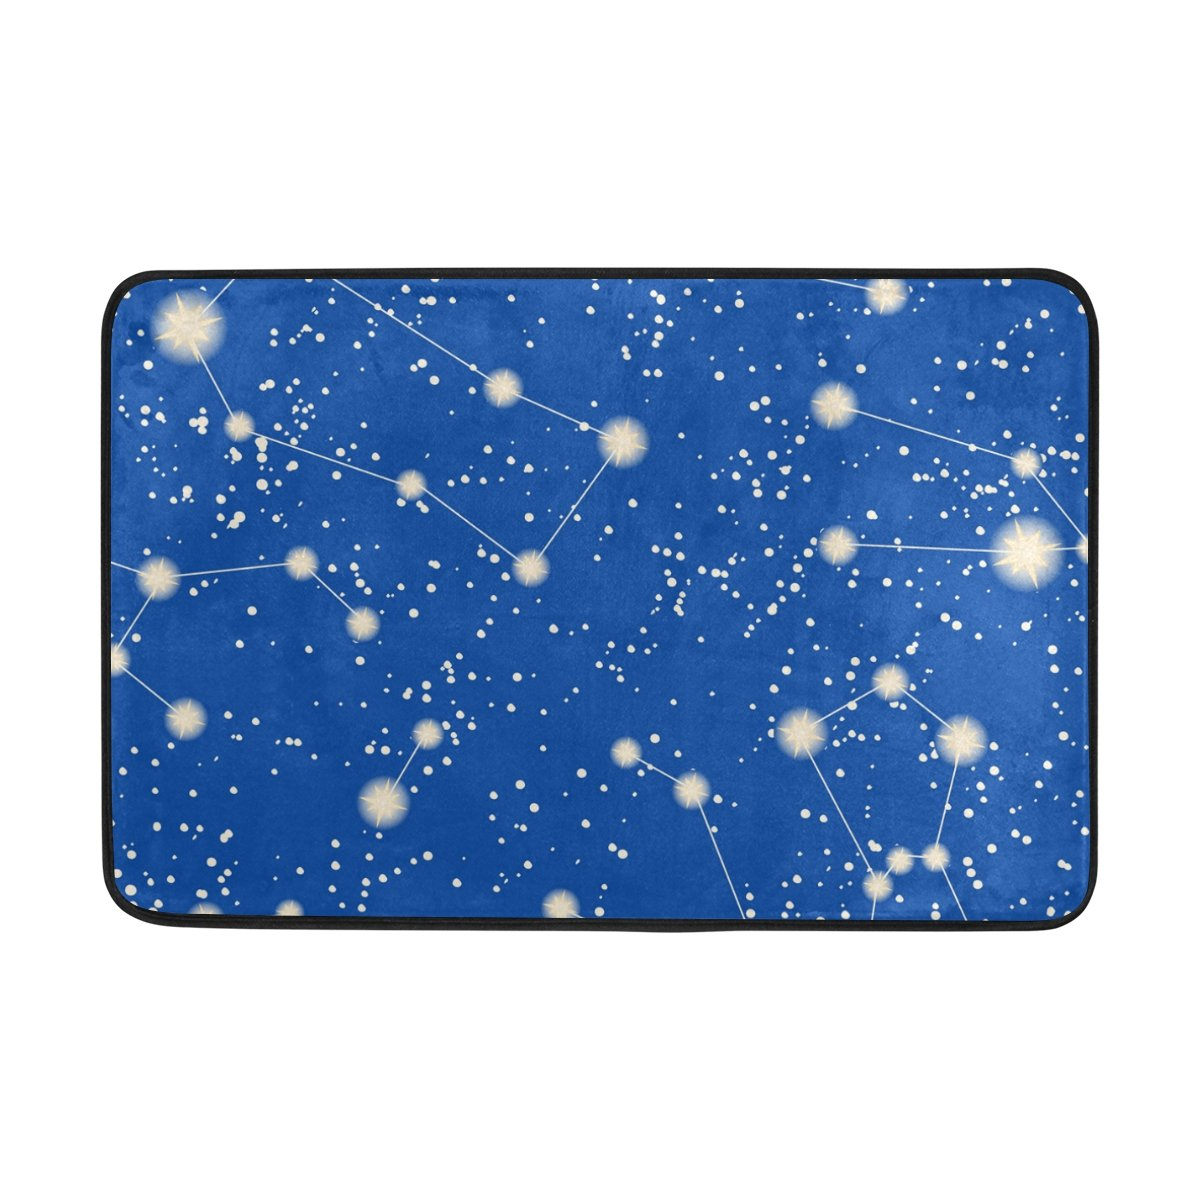 60/x 40/cm f/ür den t/äglichen Gebrauch mit 12/Haken wasserdicht Anti-Rutsch-bathro JSTEL Muster mit Sternen und Sternbilder 3-teilig Badezimmer Set waschbar